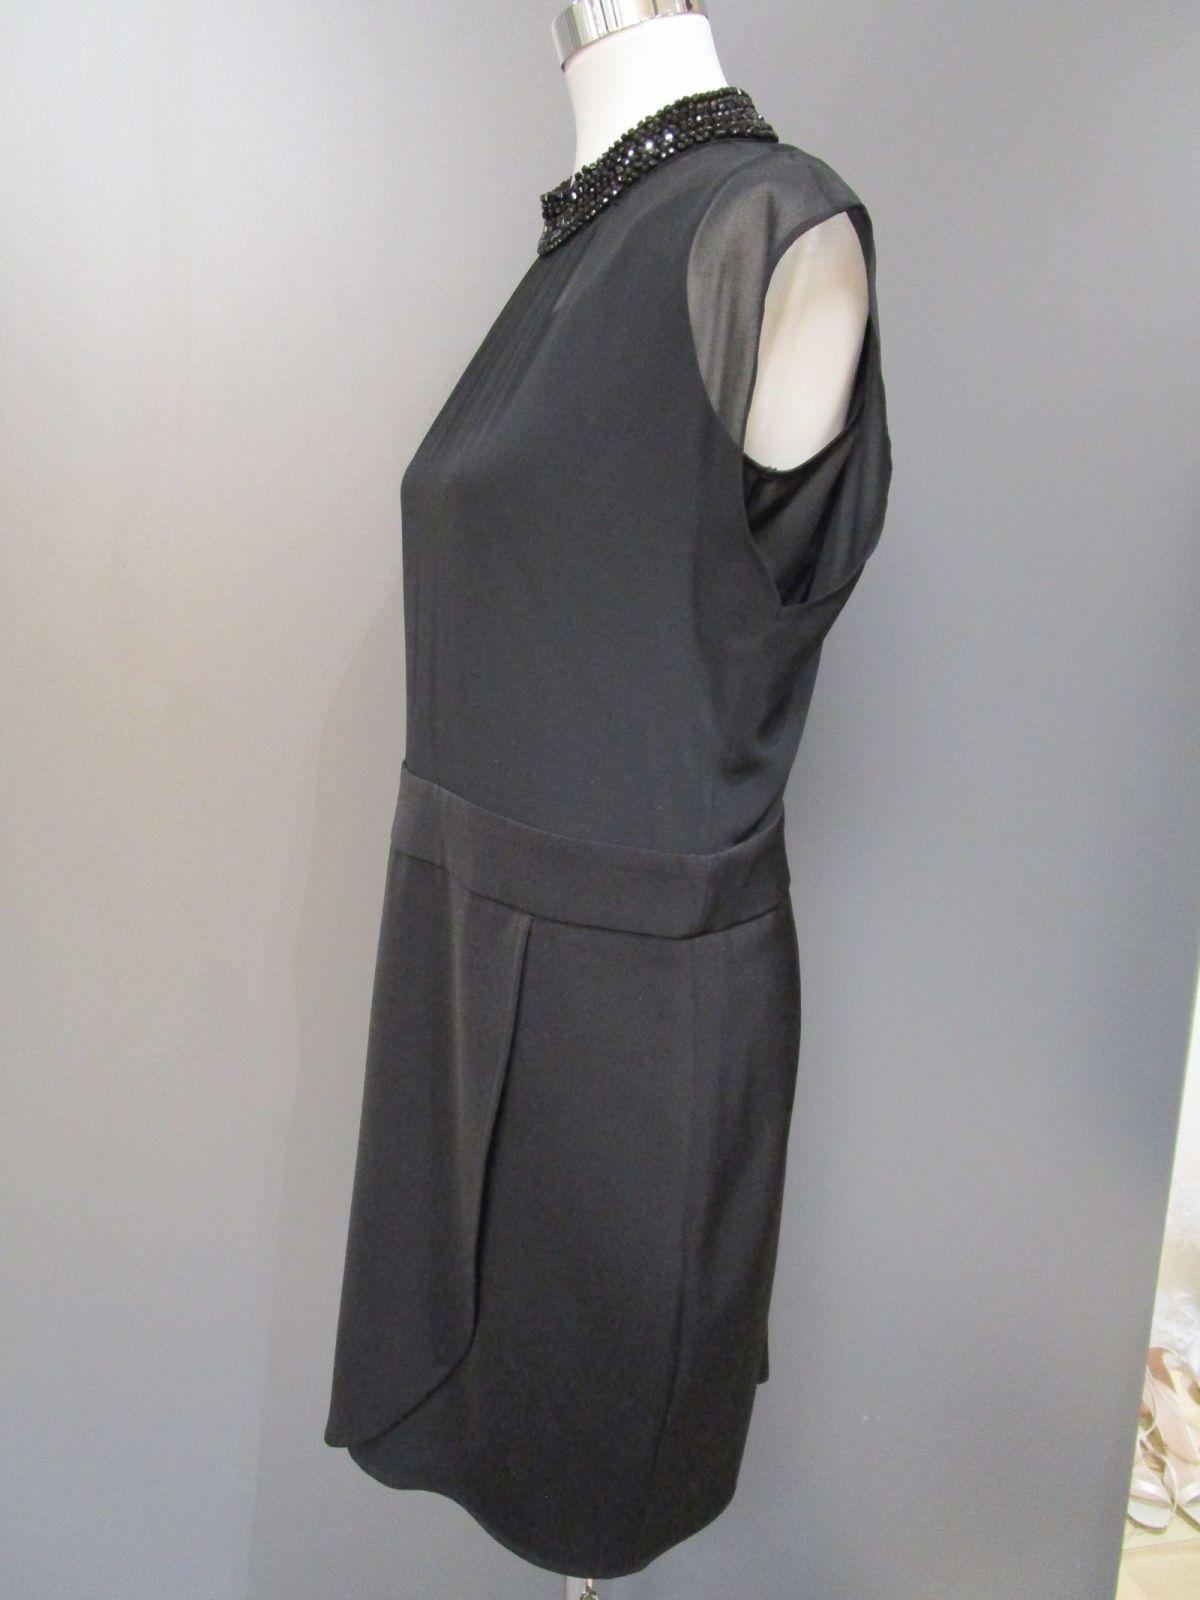 details zu comma coctailkleid knielang schwarz polyester stehkragen  ärmellos schmucksteine